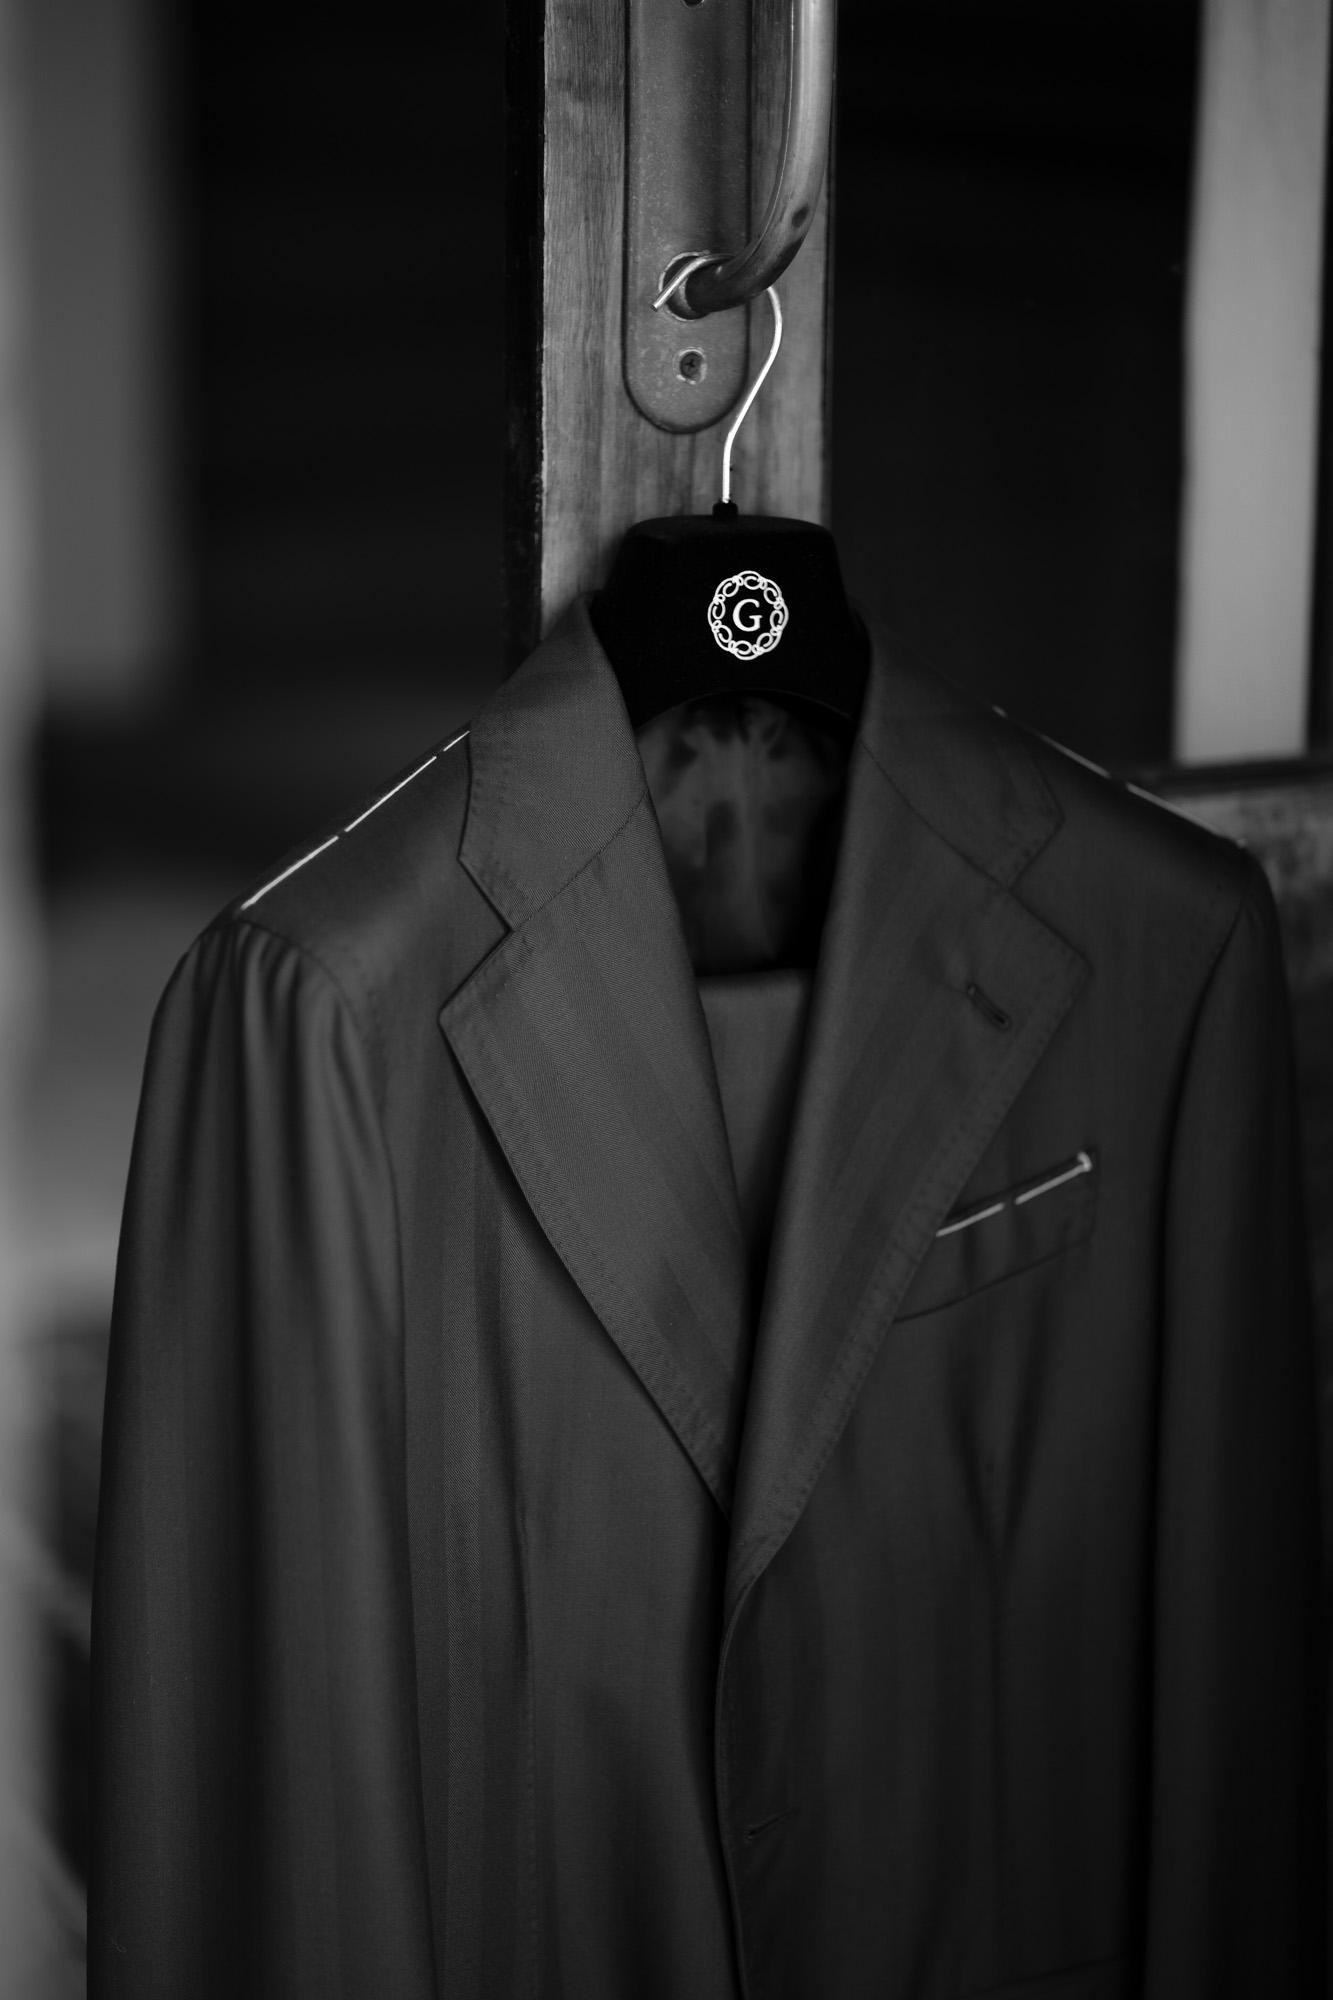 LUCA GRASSIA (ルカ グラシア) SALVATORE ENRICO (サルヴァトーレ エンリコ) サージウール シャドーストライプ スーツ NAVY (ネイビー) Made in italy (イタリア製) 2021秋冬 愛知 名古屋 Alto e Diritto altoediritto アルトエデリット